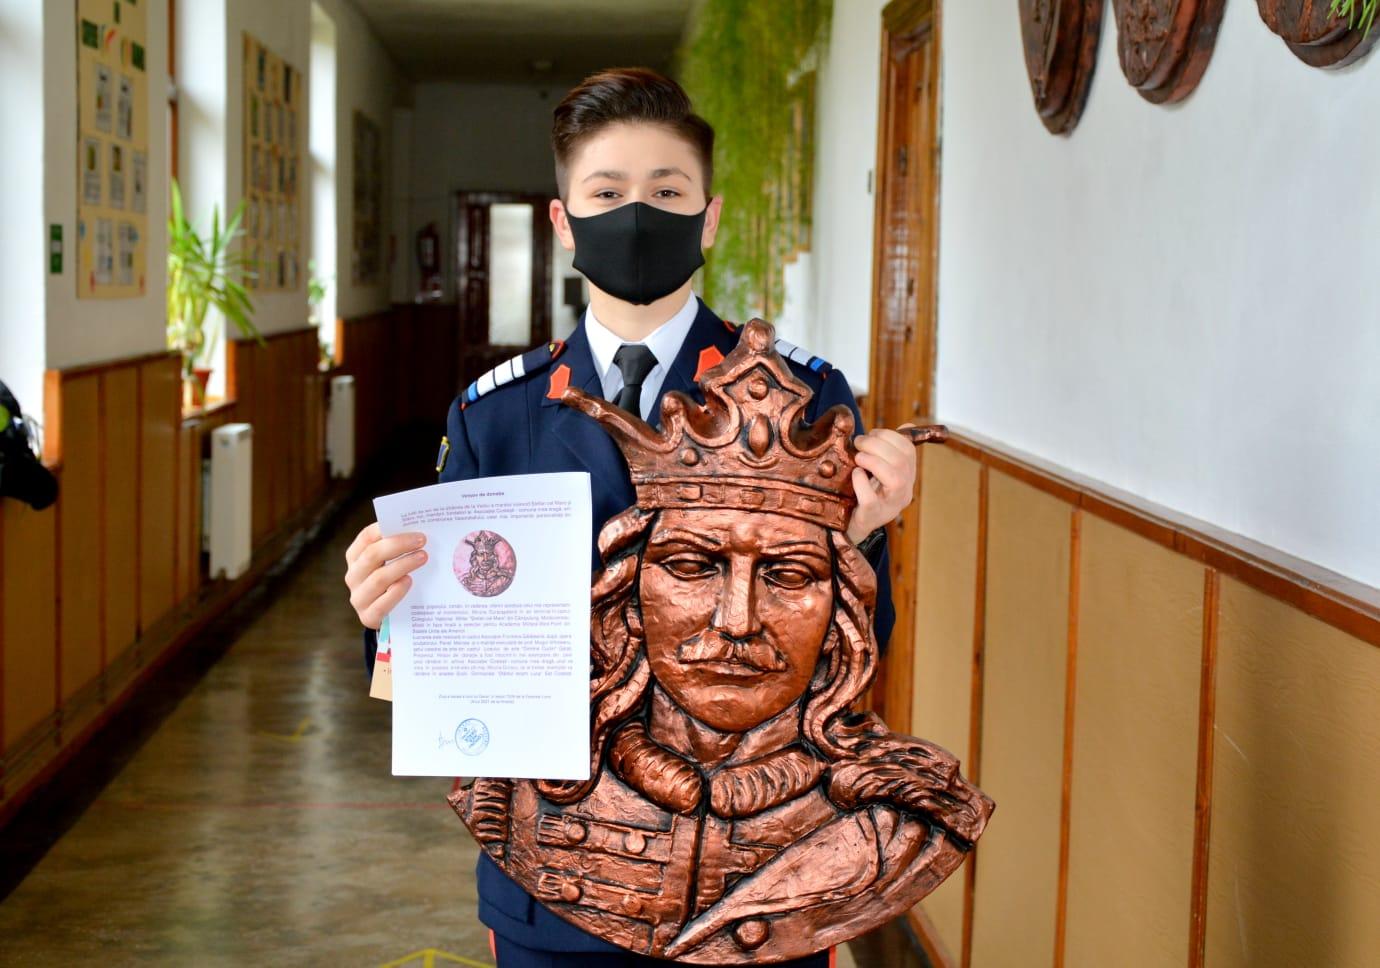 Miruna Duracu elevă Câmpulung